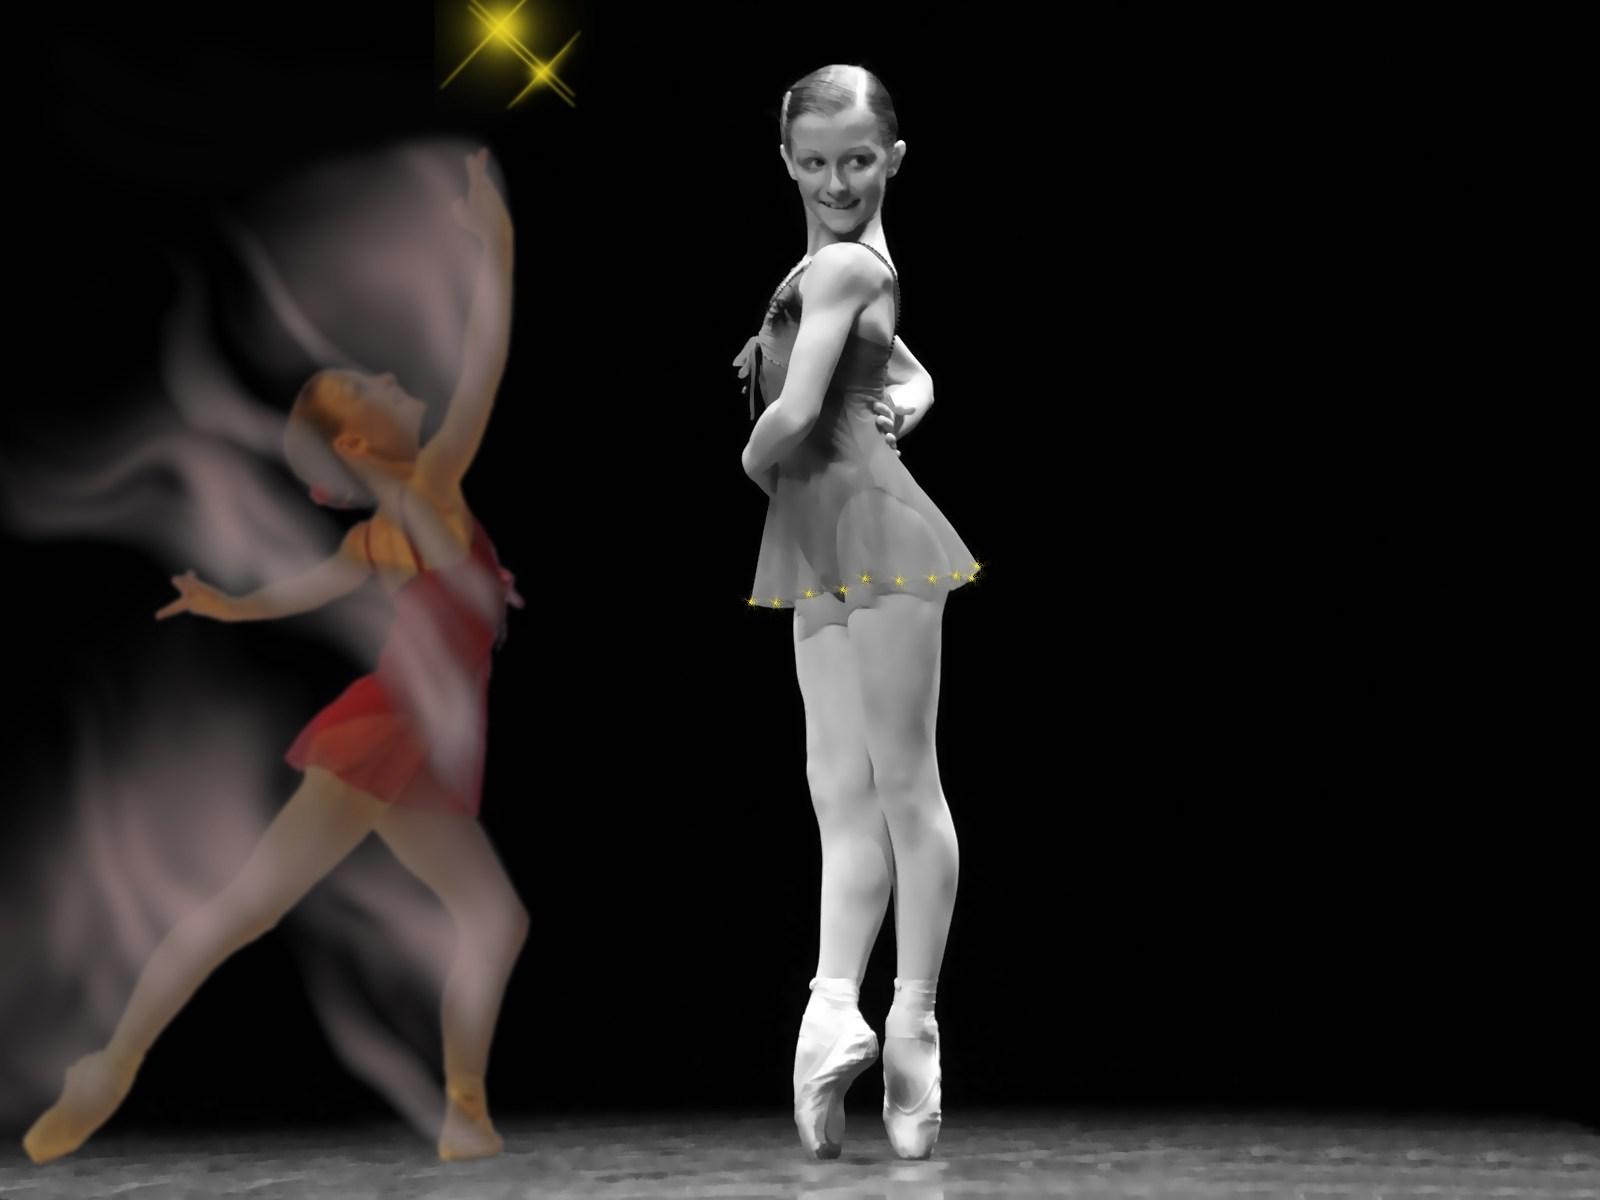 Image saléna baudoux - Saléna Baudoux wallpaper danse classique